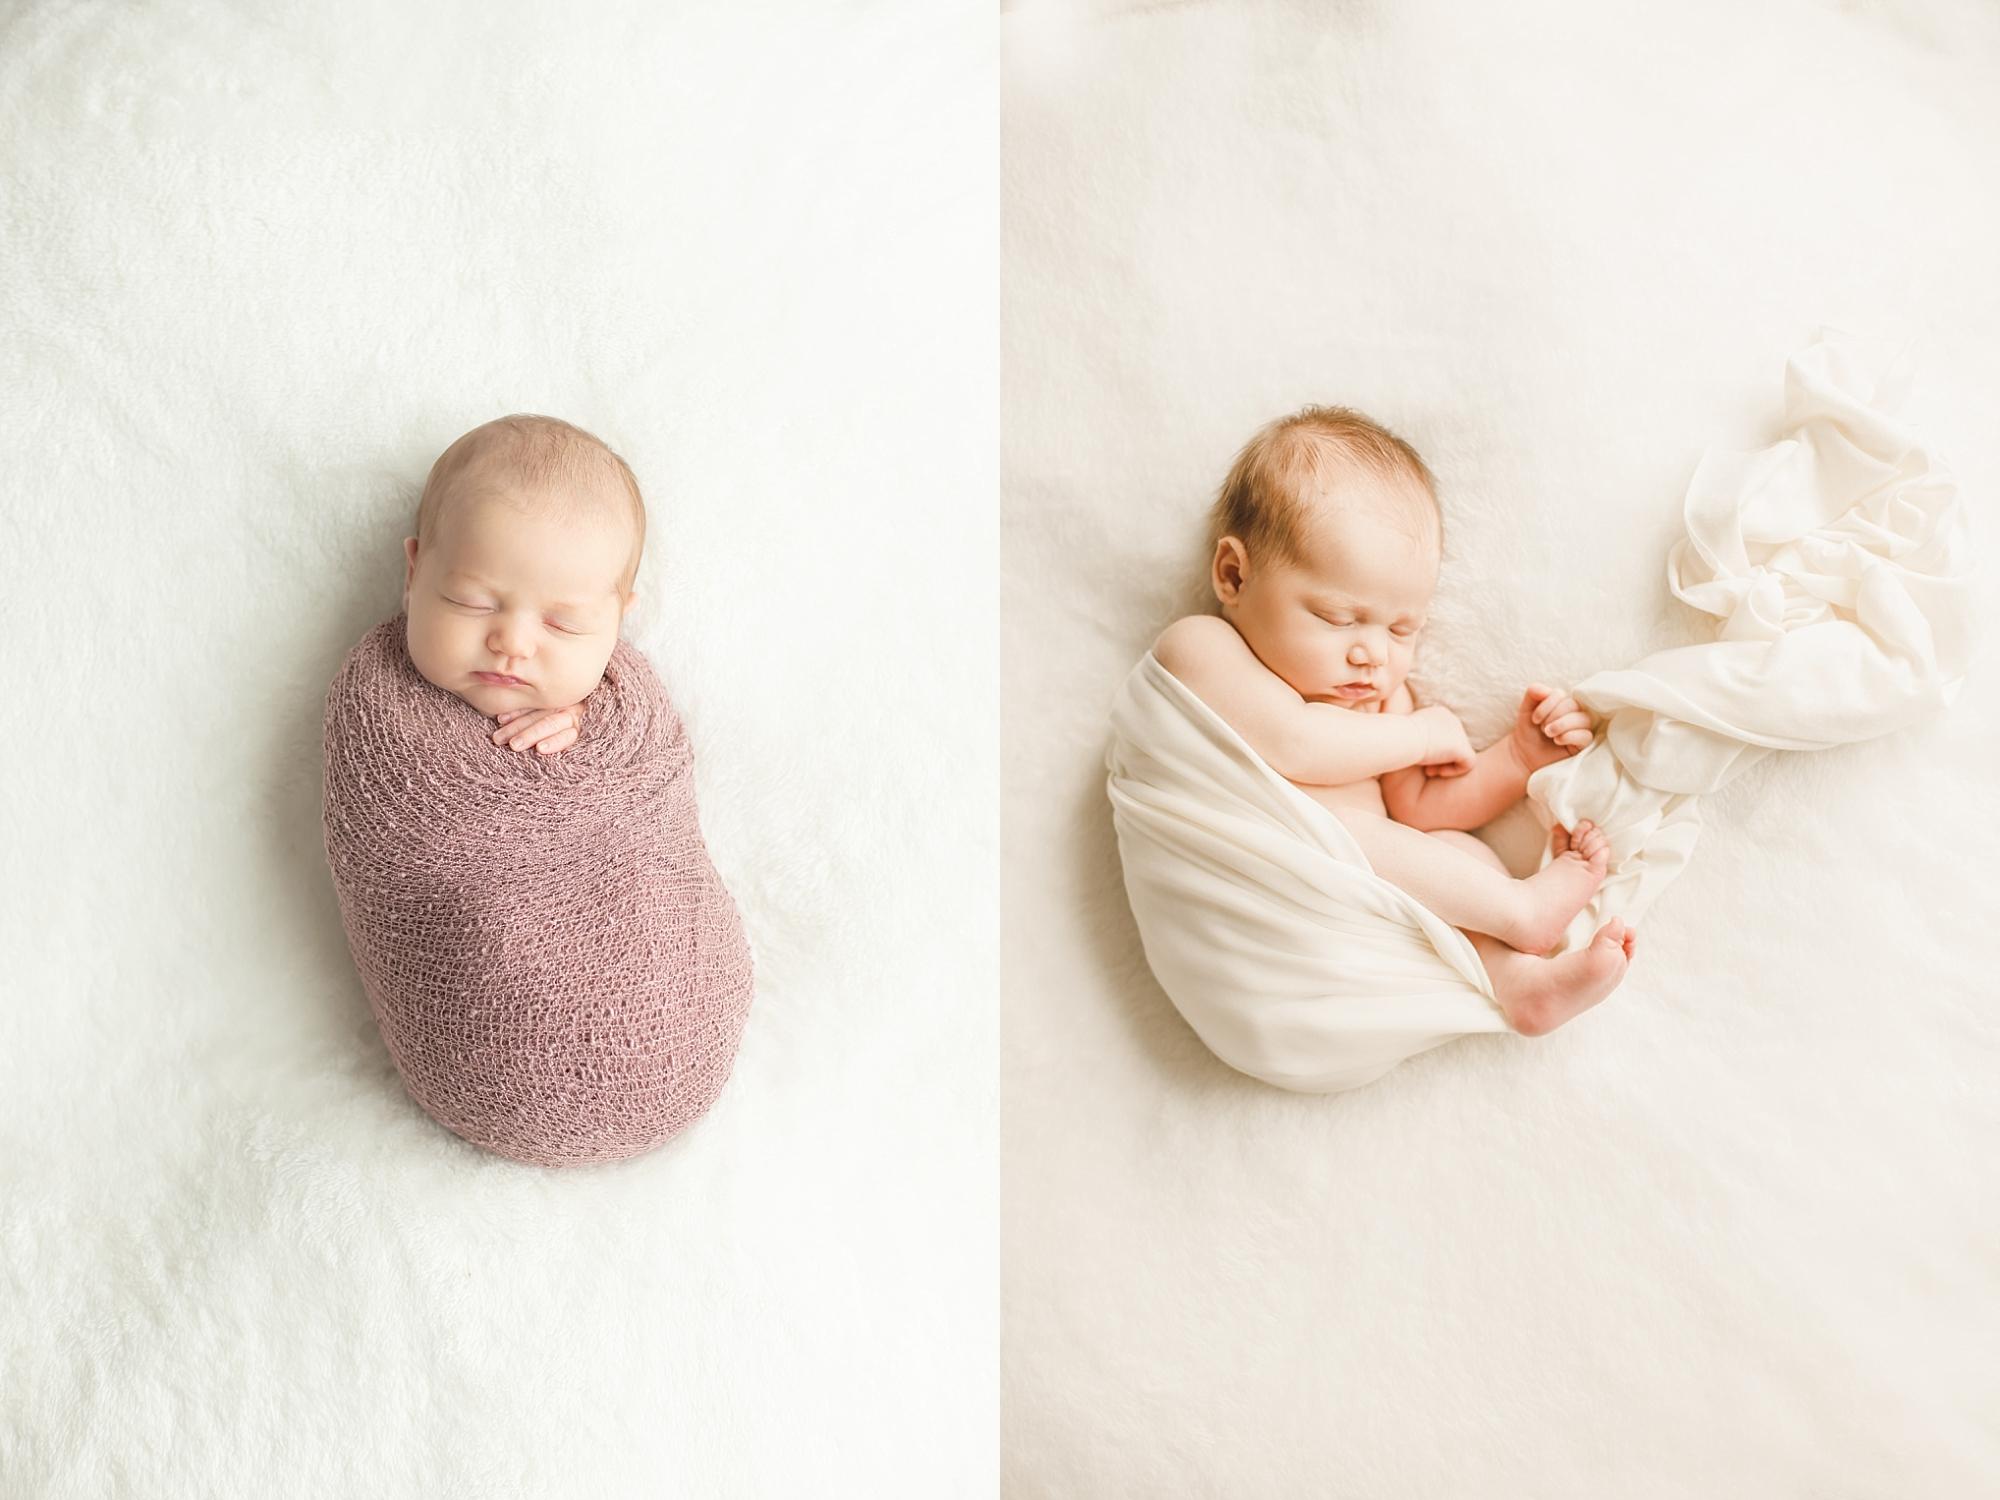 Pittsburgh newborn photography studio